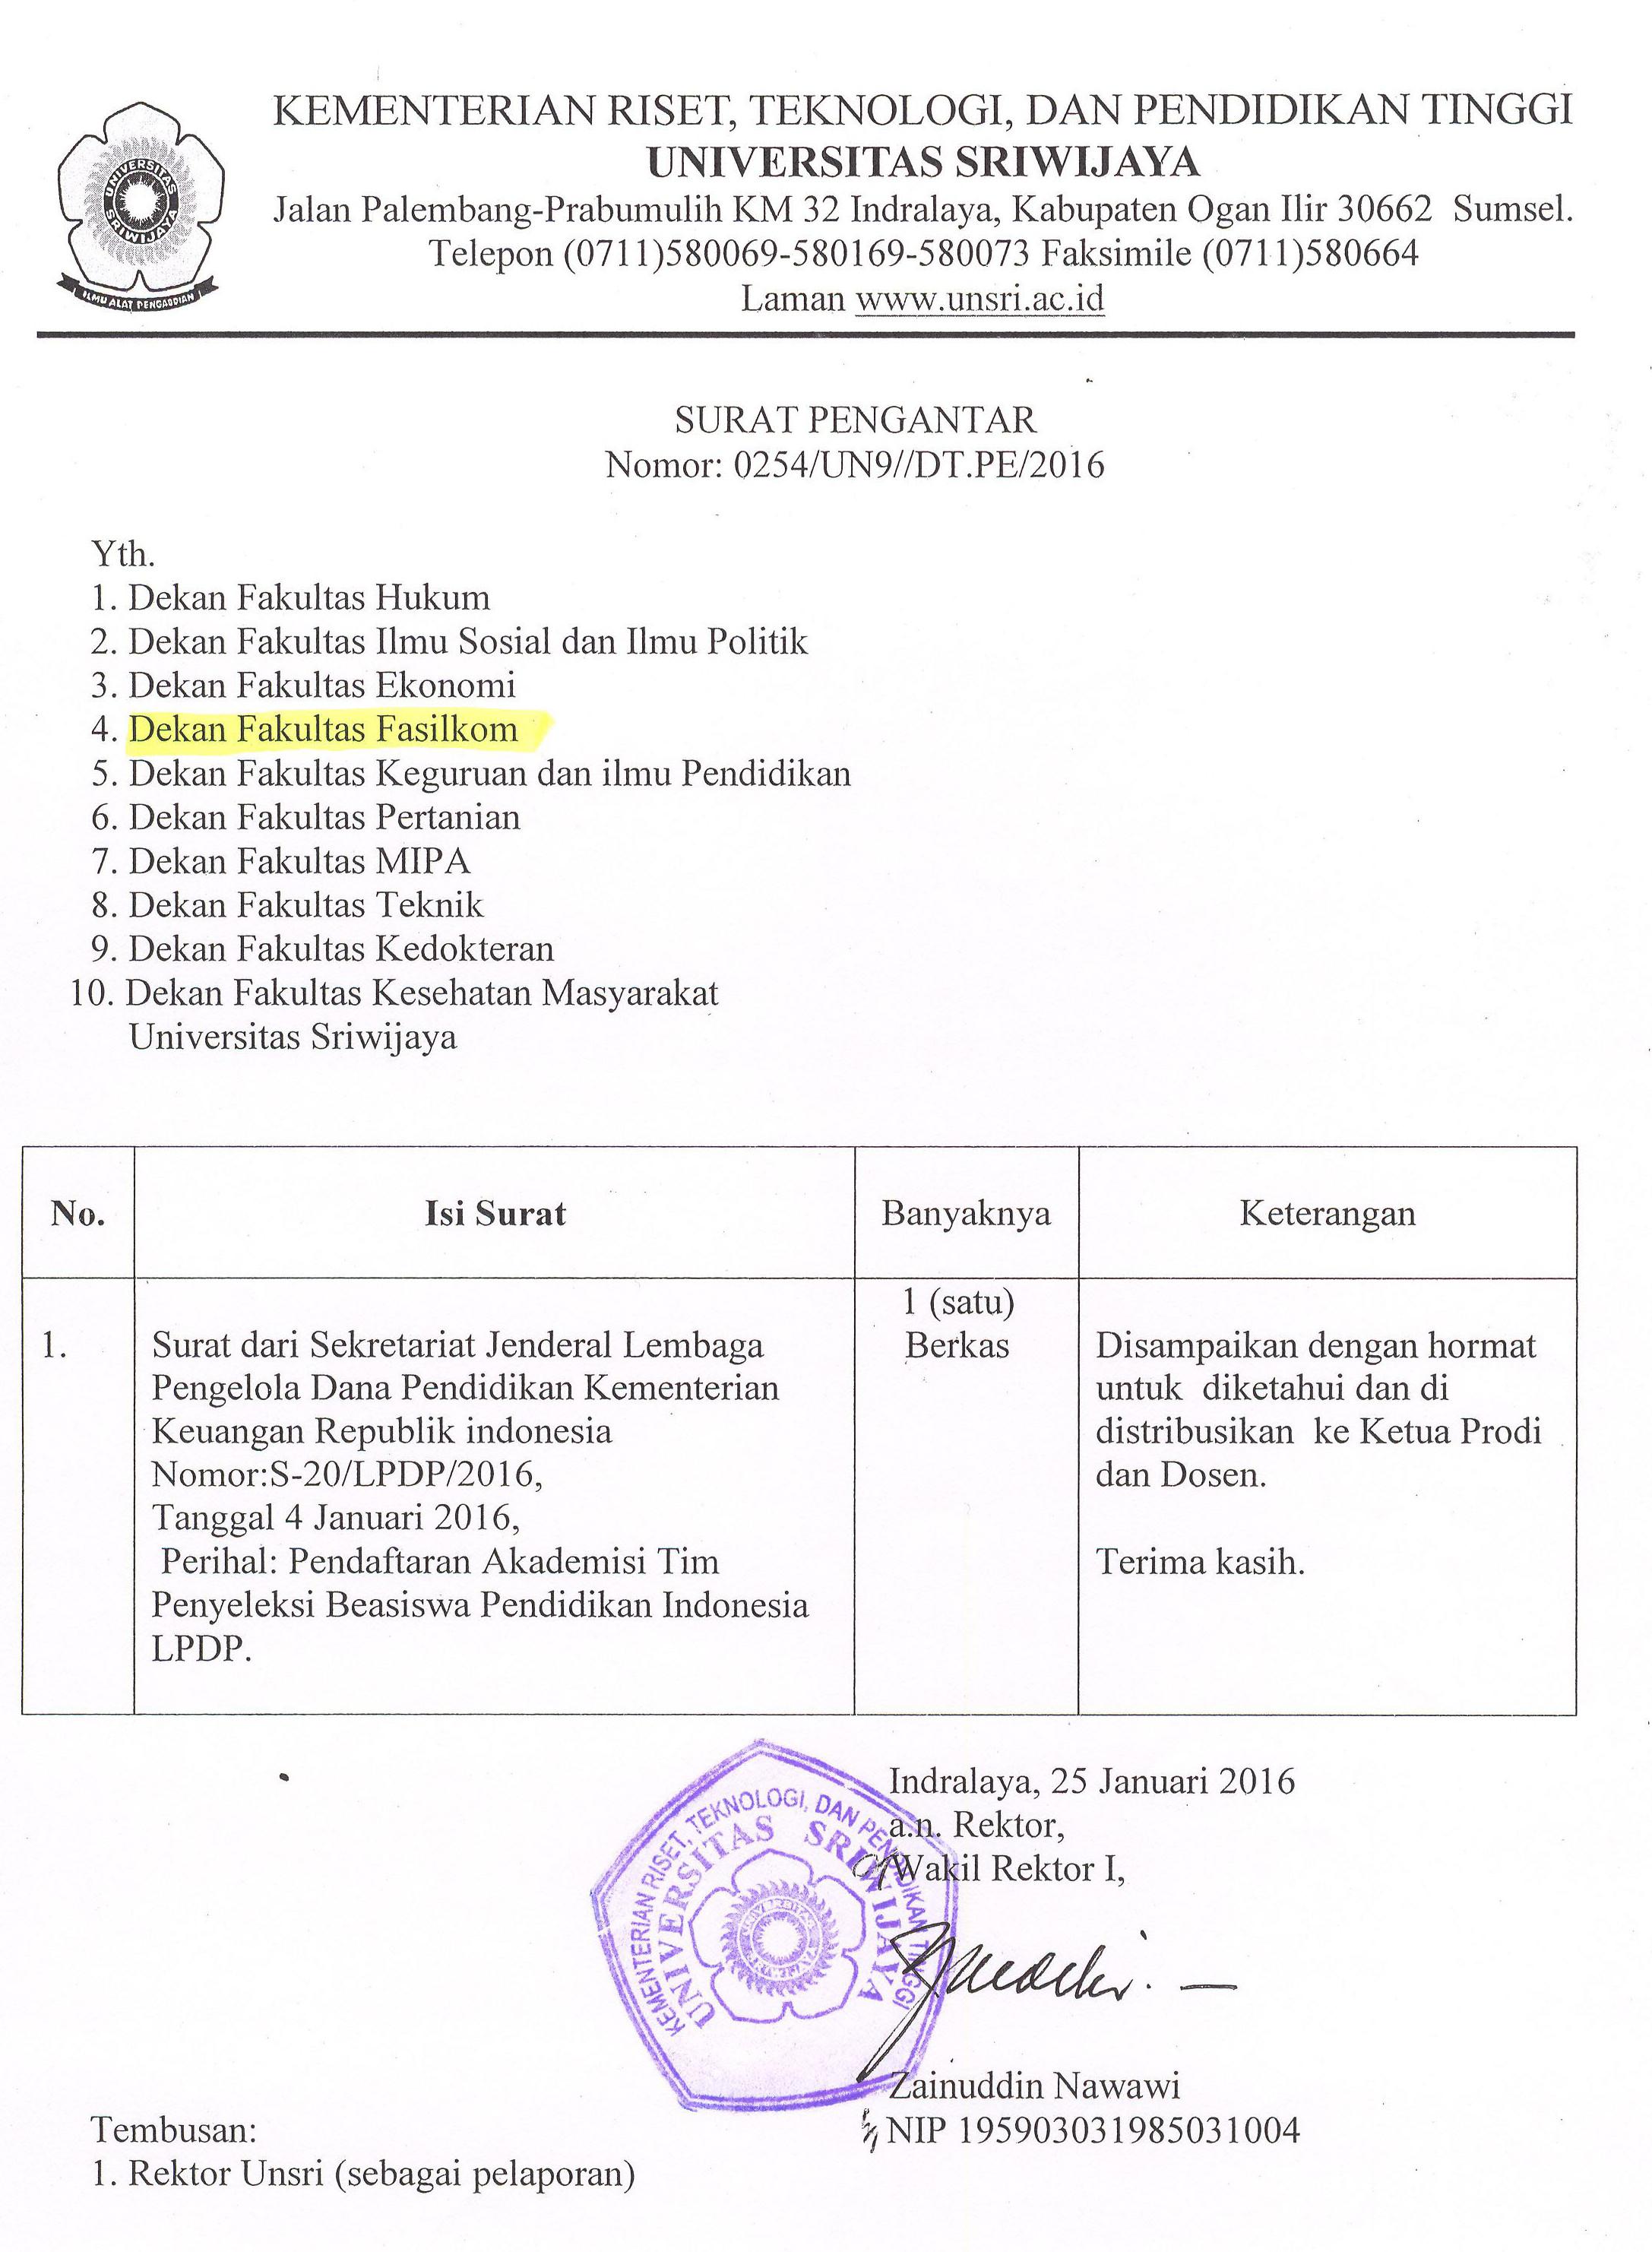 Pendaftaran Akademisi Tim Penyeleksi Beasiswa Pendidikan Indonesia LPDP